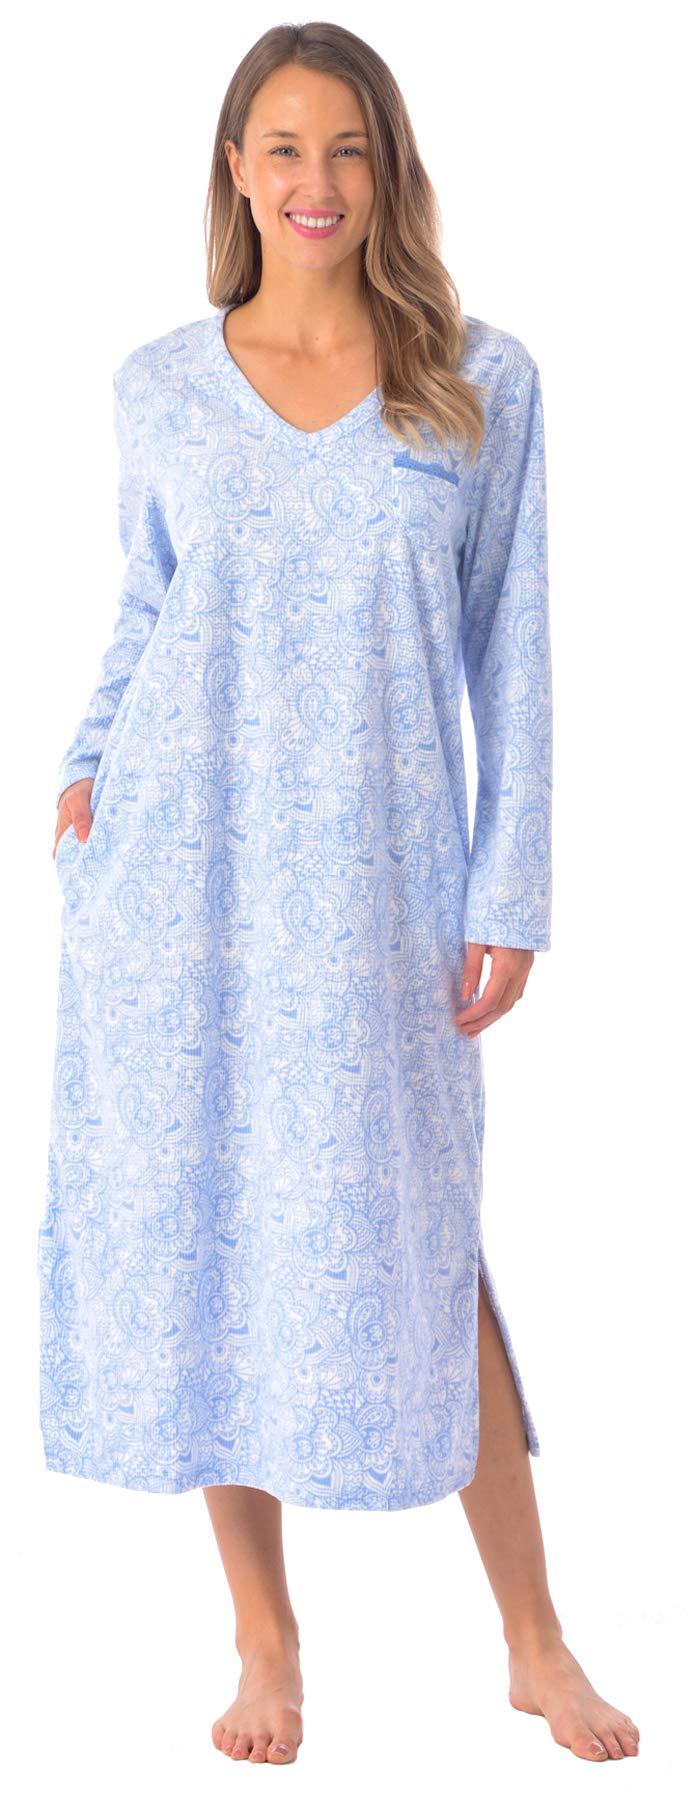 Patricia Women's Soft Minky Polar Fleece Long Pajama Nightgown Sleepwear